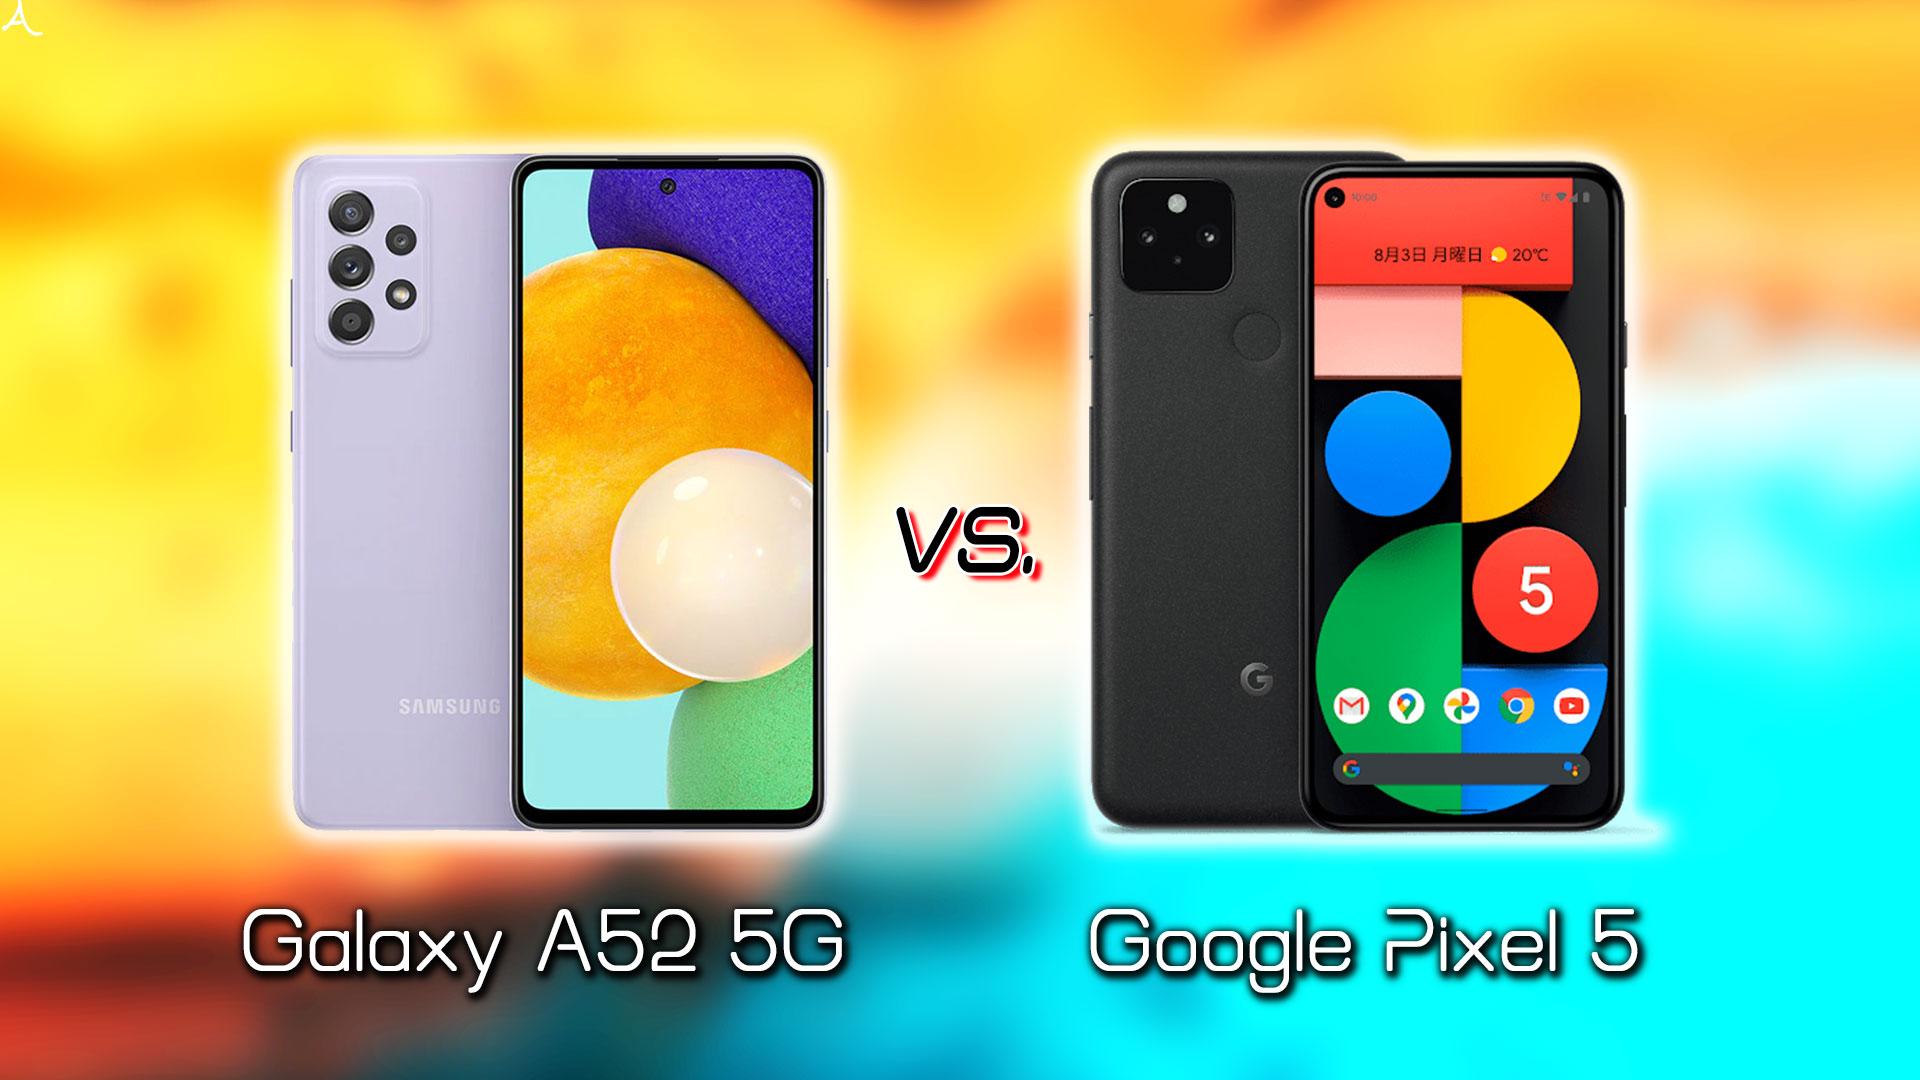 「Galaxy A52 5G」と「Google Pixel 5」の違いを比較:どっちを買う?